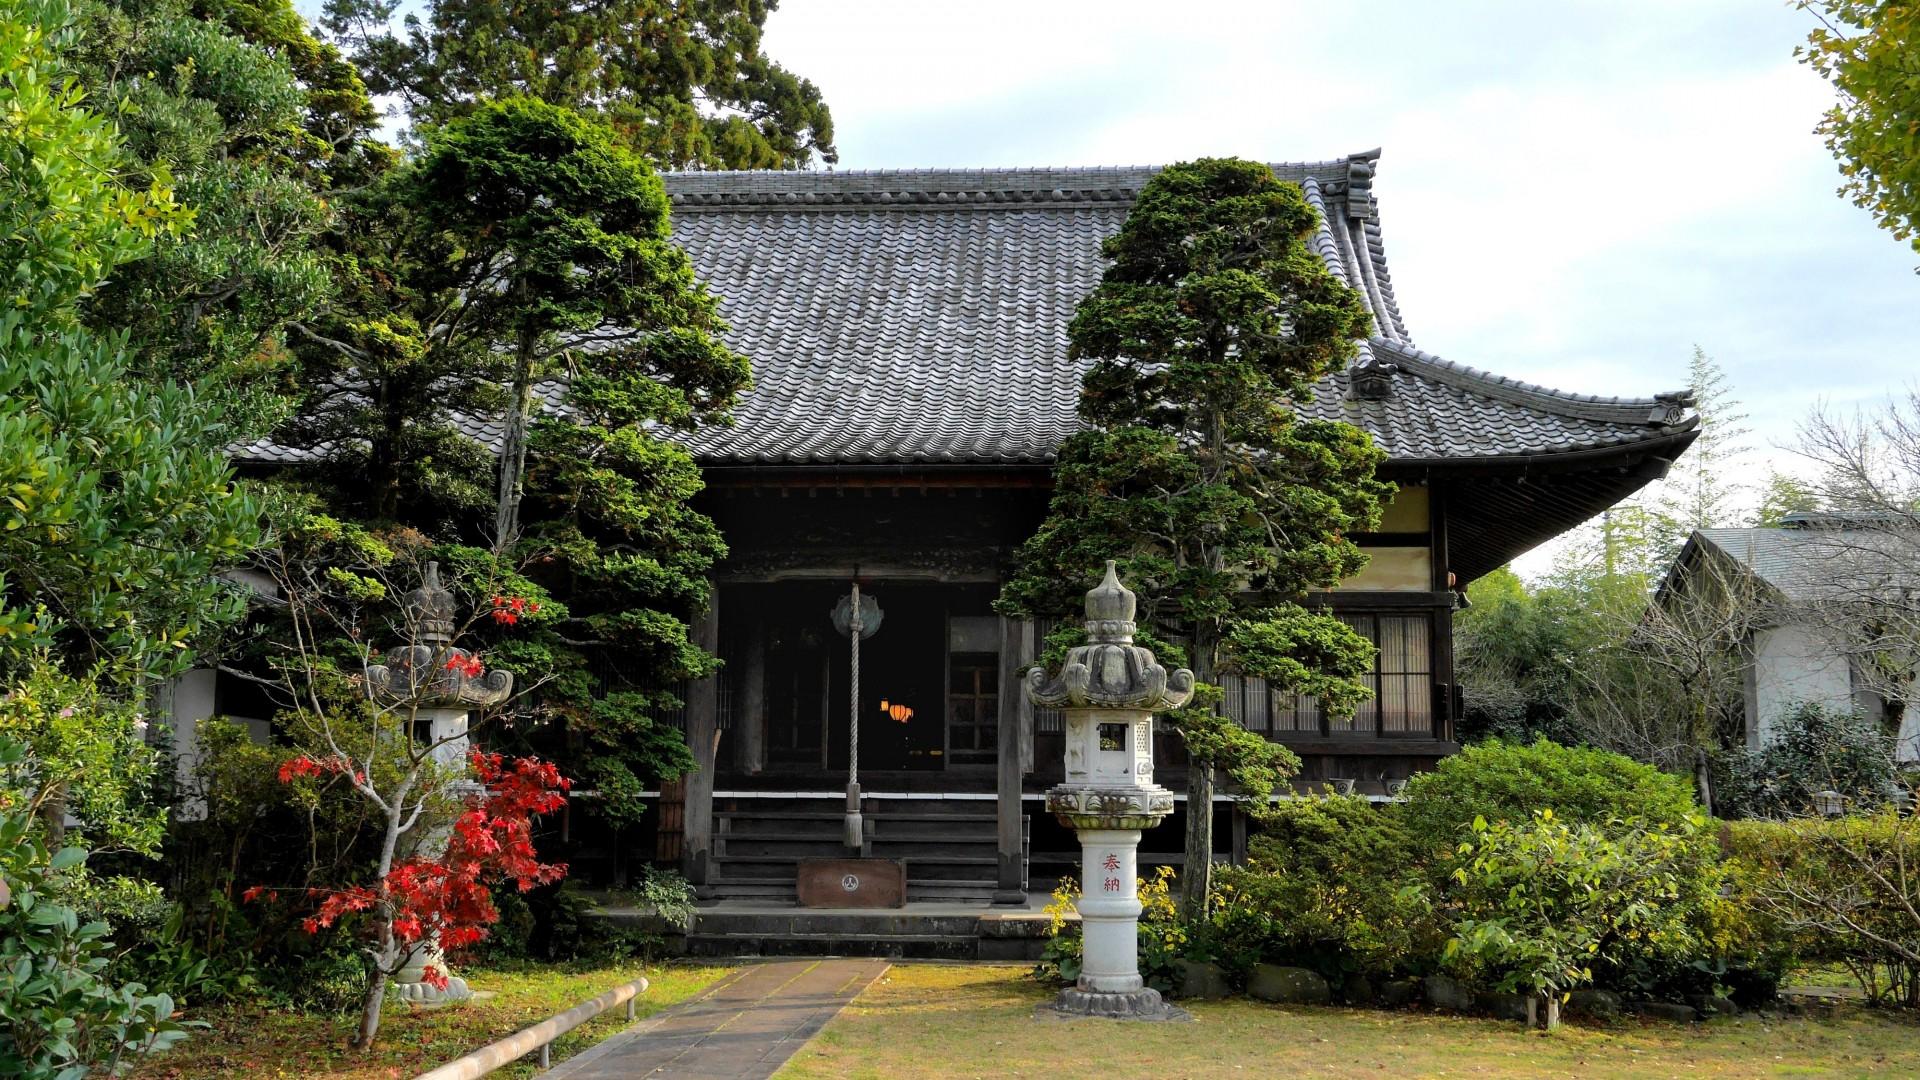 Đền Kohzusan Hohkongohji